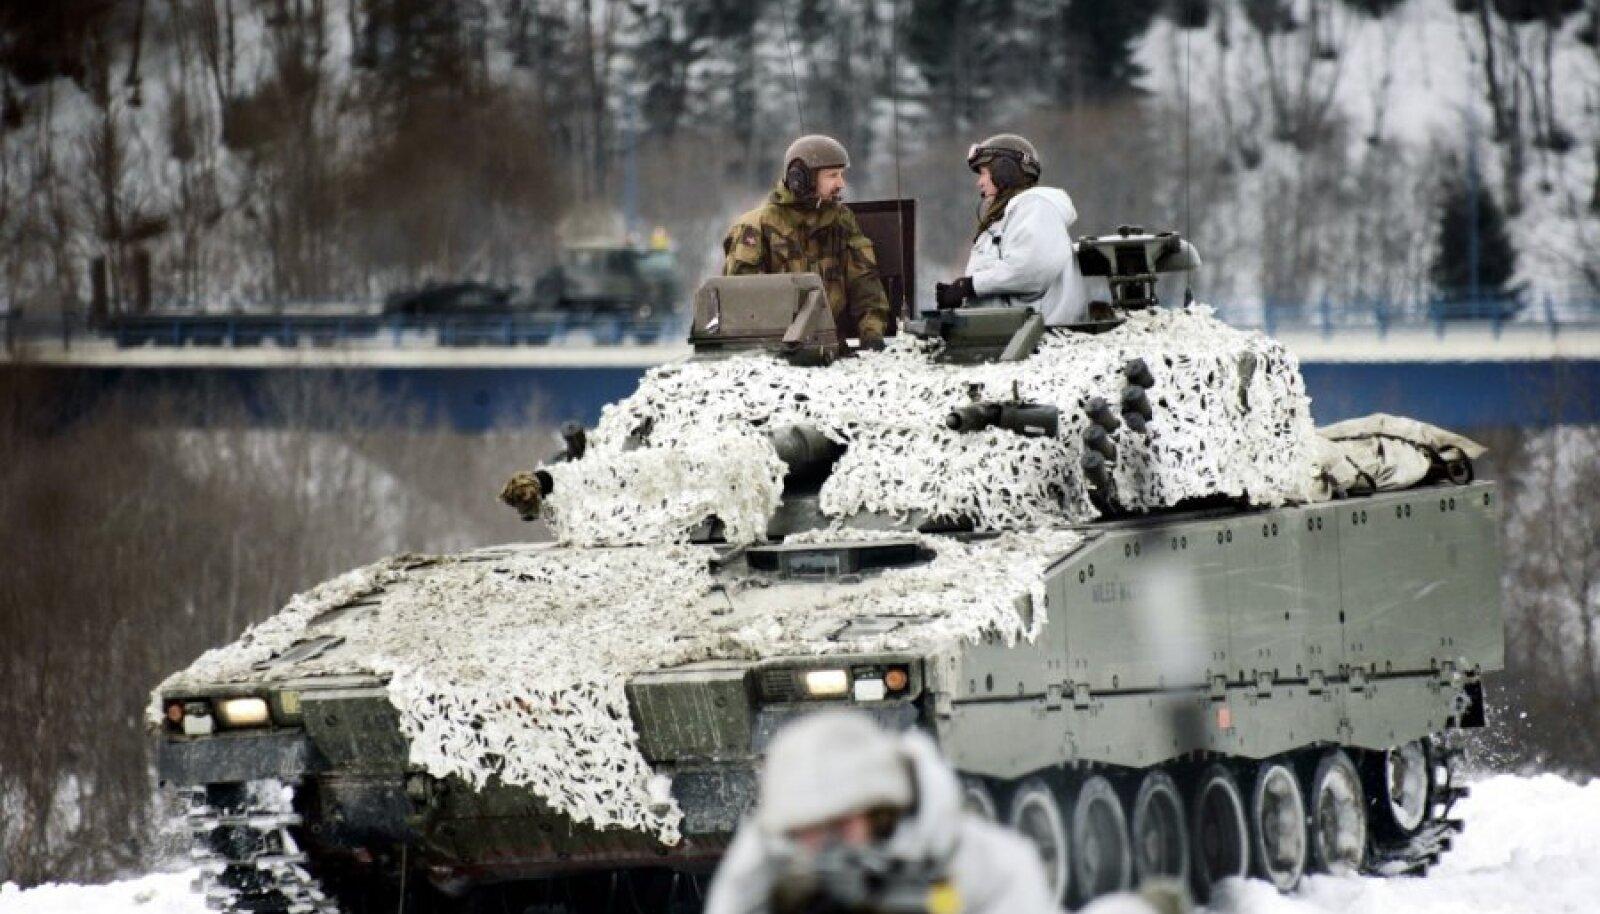 БМП семейства Strf 90 на вооружении Норвегии